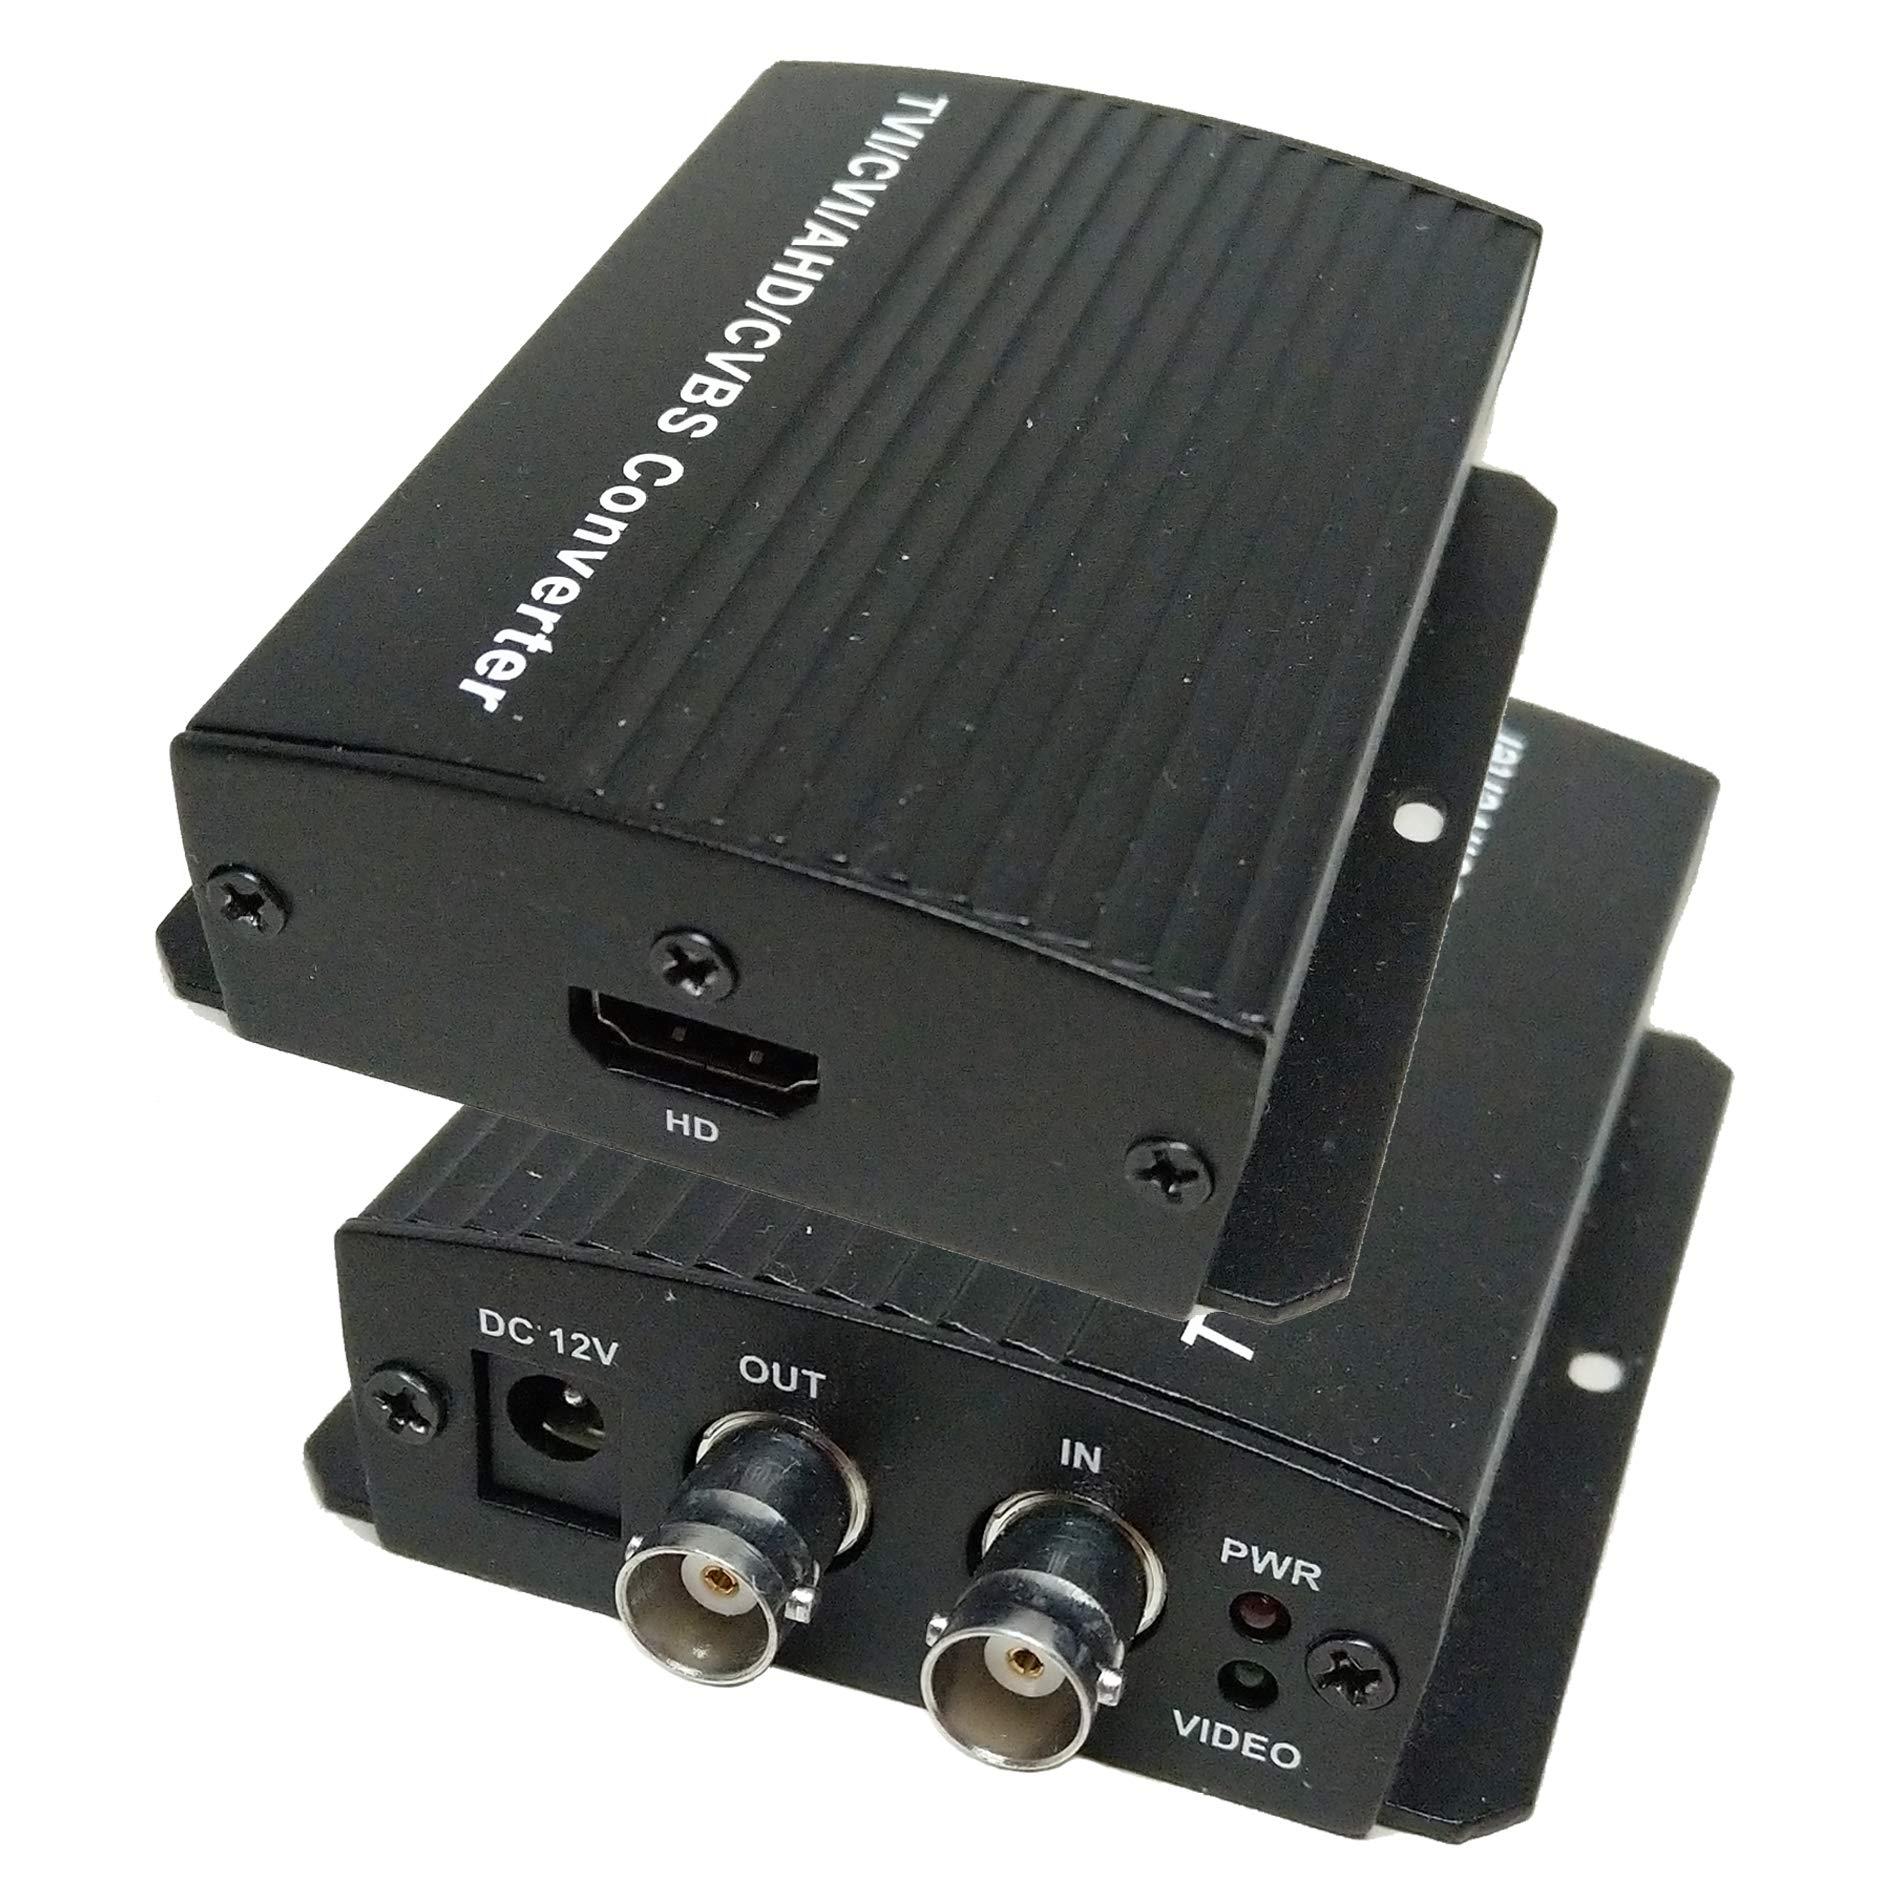 101AV TVI/AHD/CVI/CVBS BNC to HDMI Converter Adapter (Monitor, DVRs converts 1080P/720P HD from BNC Video Signal to HDMI)